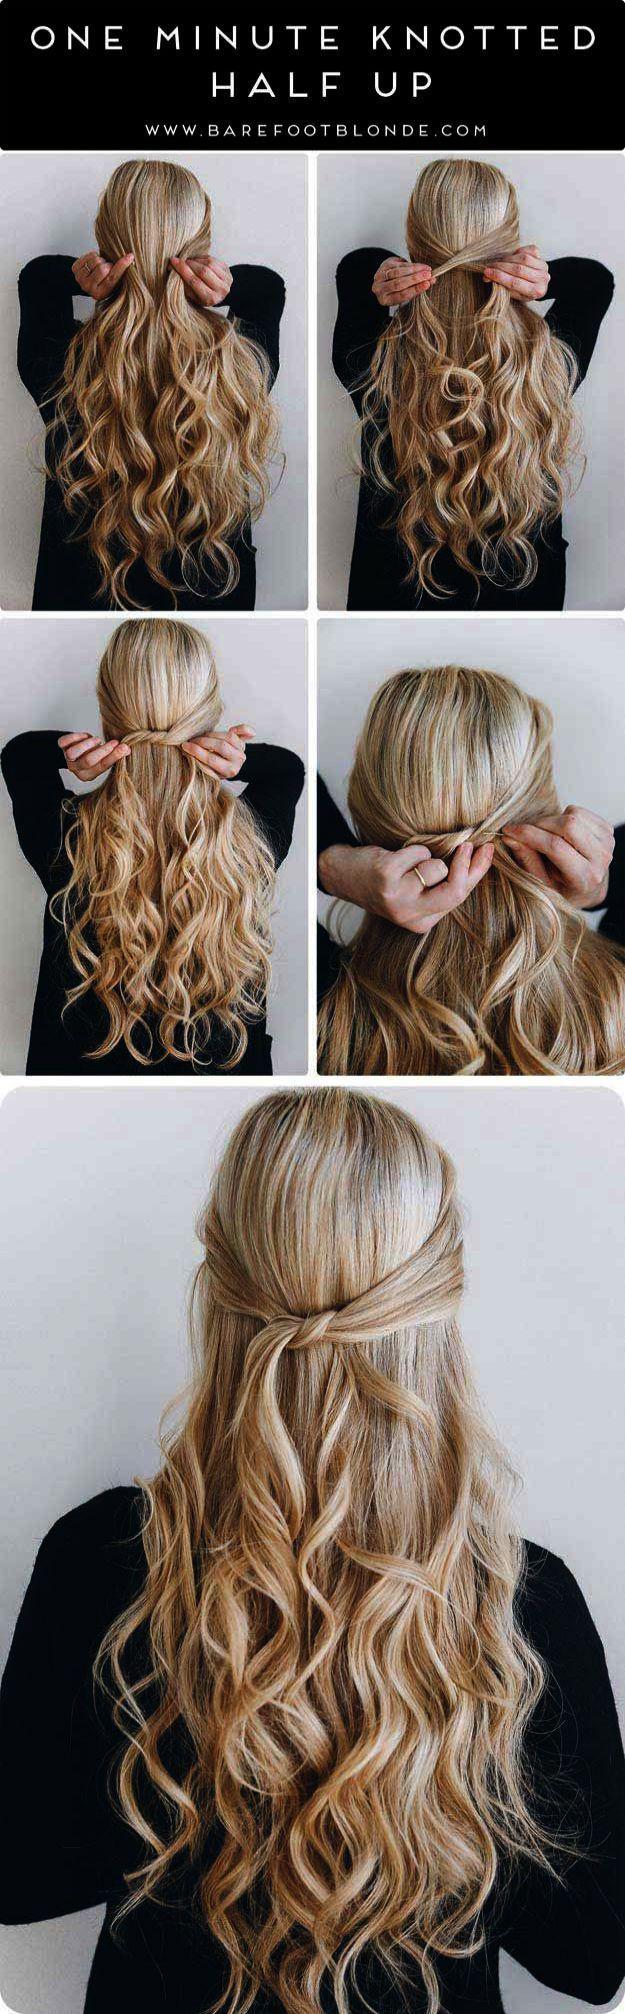 Neueste Foto 15 Schöne Half Up Half Down Hochzeitsfrisuren - #beautiful #hairstyles #wedd ... Tipps 15 Schöne Half Up Half Down Hochzeitsfrisuren - ... - #beautiful #hairstyles #hochzeitsfrisuren #neueste #schone #tipps - #new